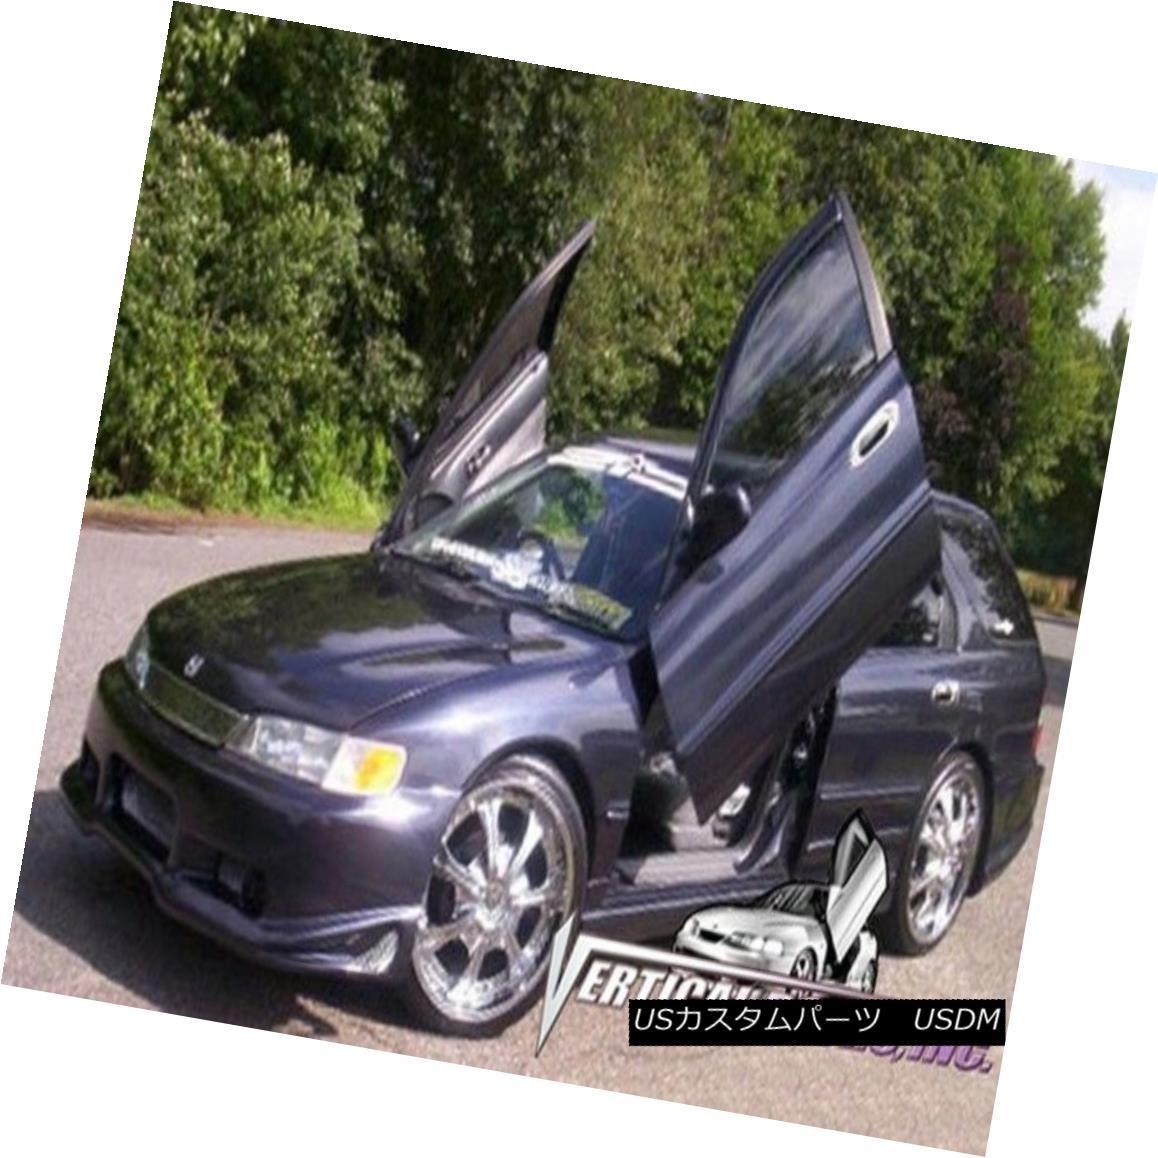 ガルウィングキット Vertical Doors Inc. Bolt-On Lambo Kit for Honda Accord 94-97 2 DR Vertical Doors Inc.ホンダ合同用ボルトオン・ランボキット94-97 2 DR